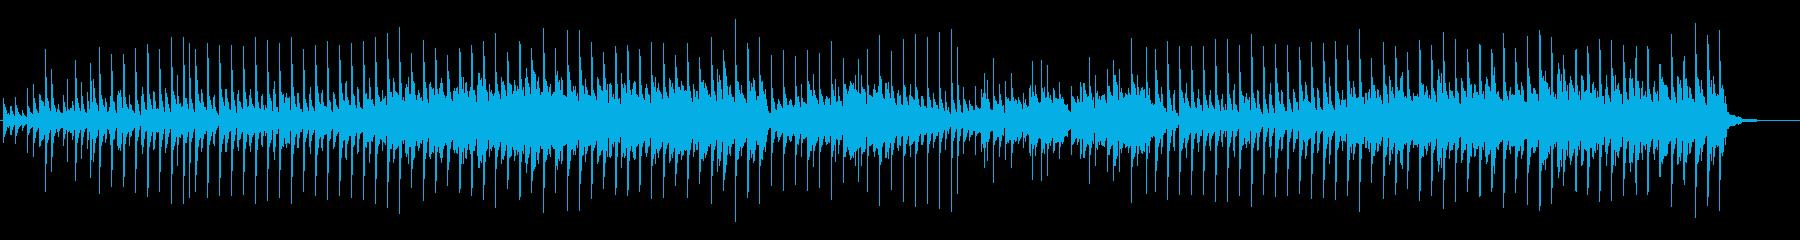 小動物的なかわいい曲の再生済みの波形